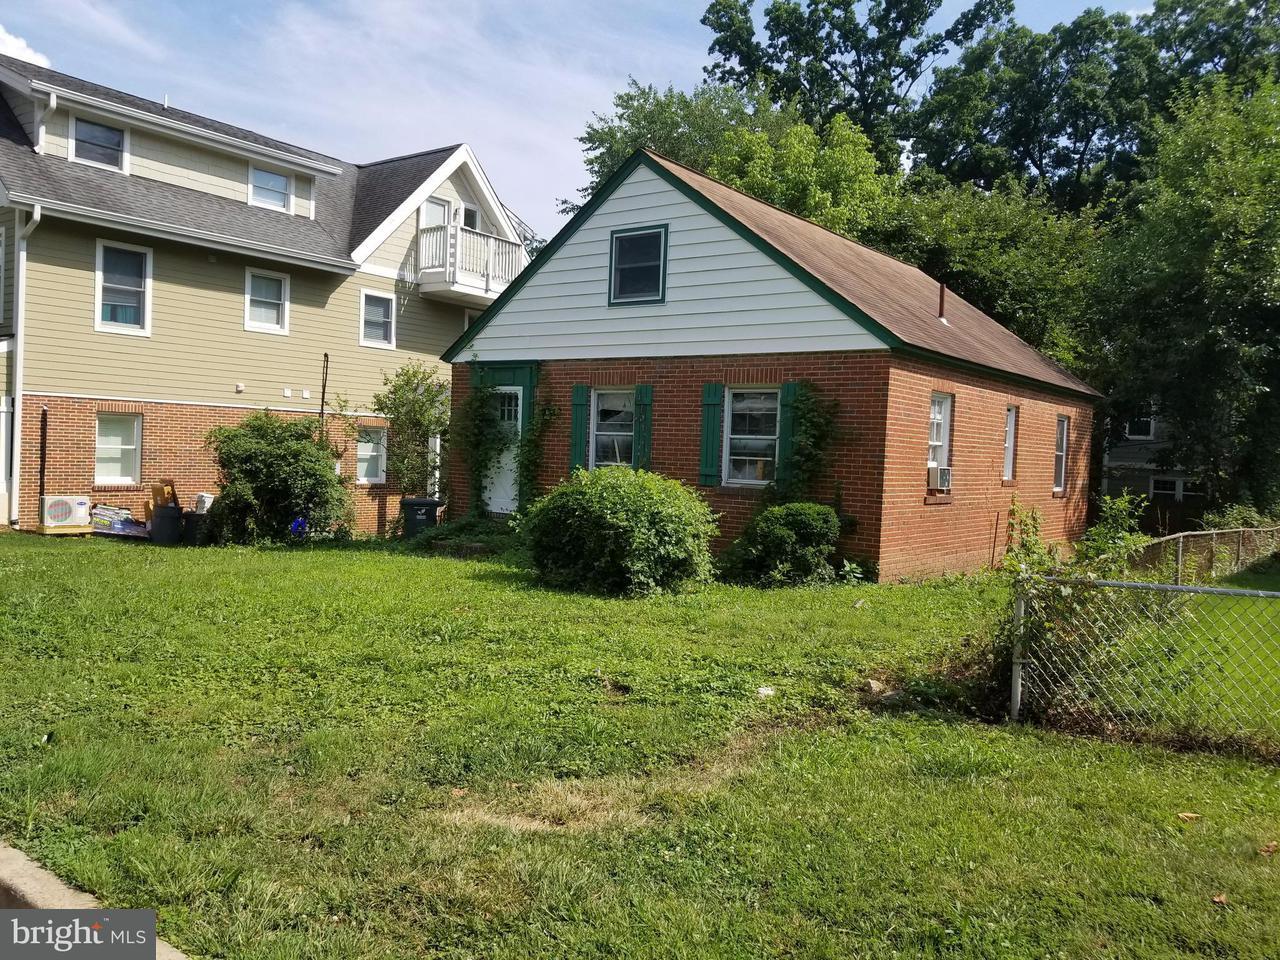 土地 のために 売買 アット 3222 20TH RD N 3222 20TH RD N Arlington, バージニア 22207 アメリカ合衆国